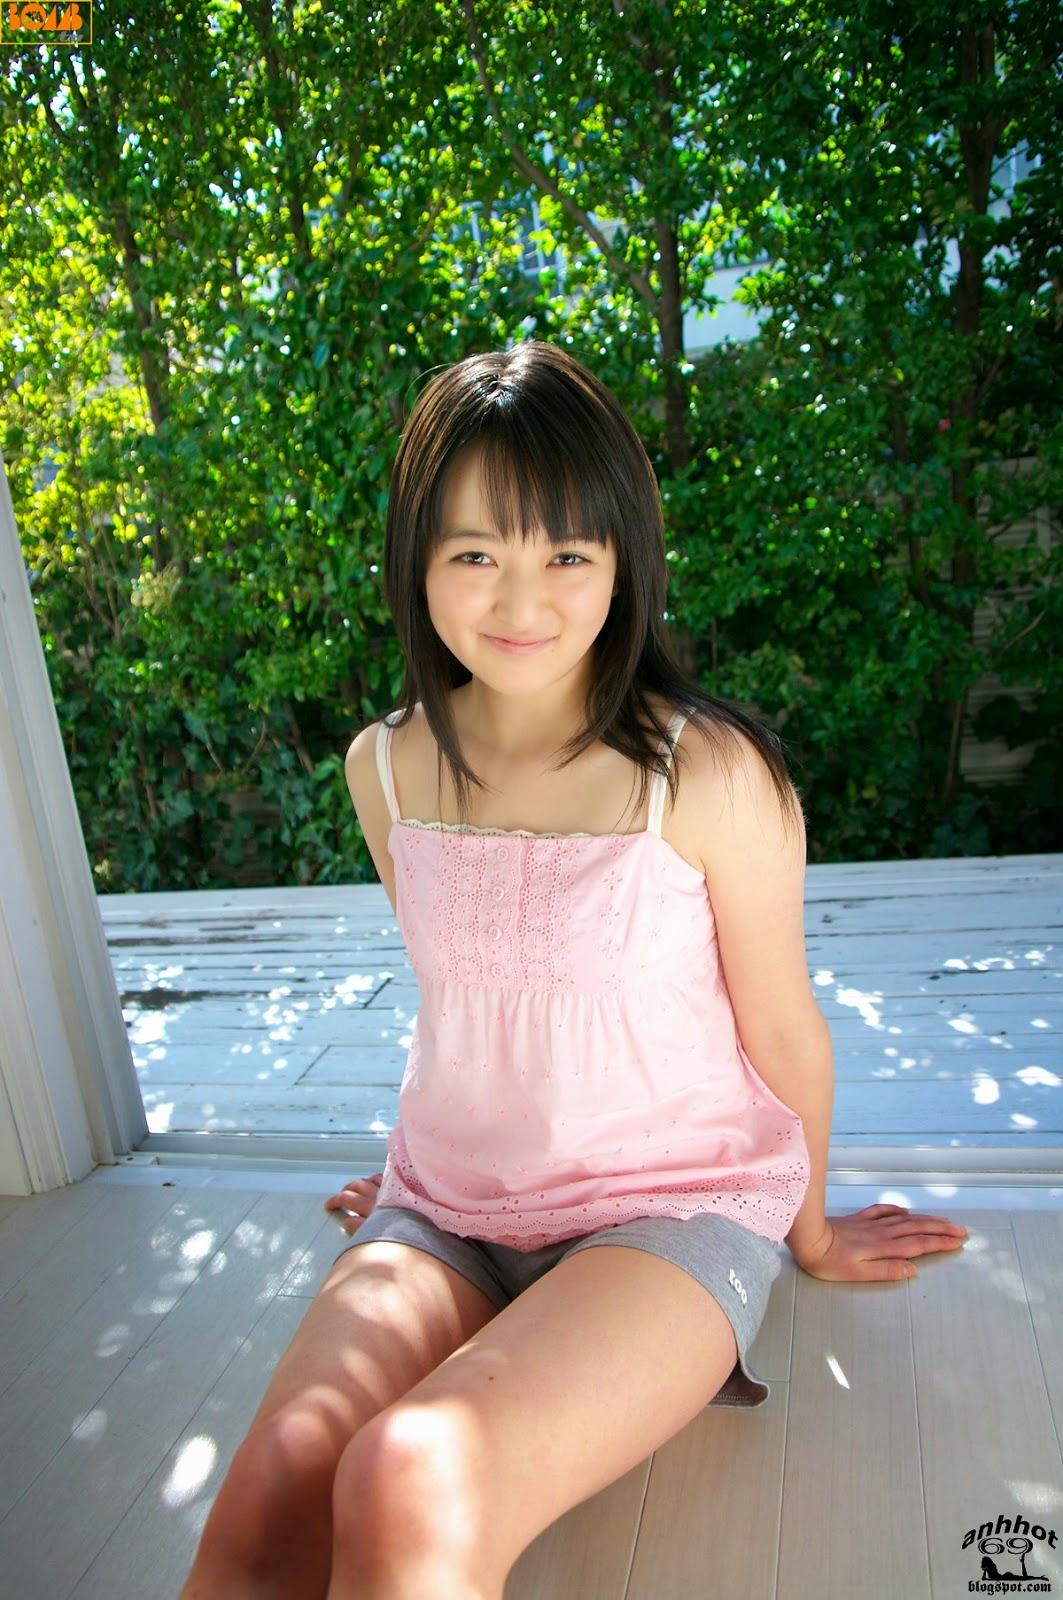 saki-takayama-00855656